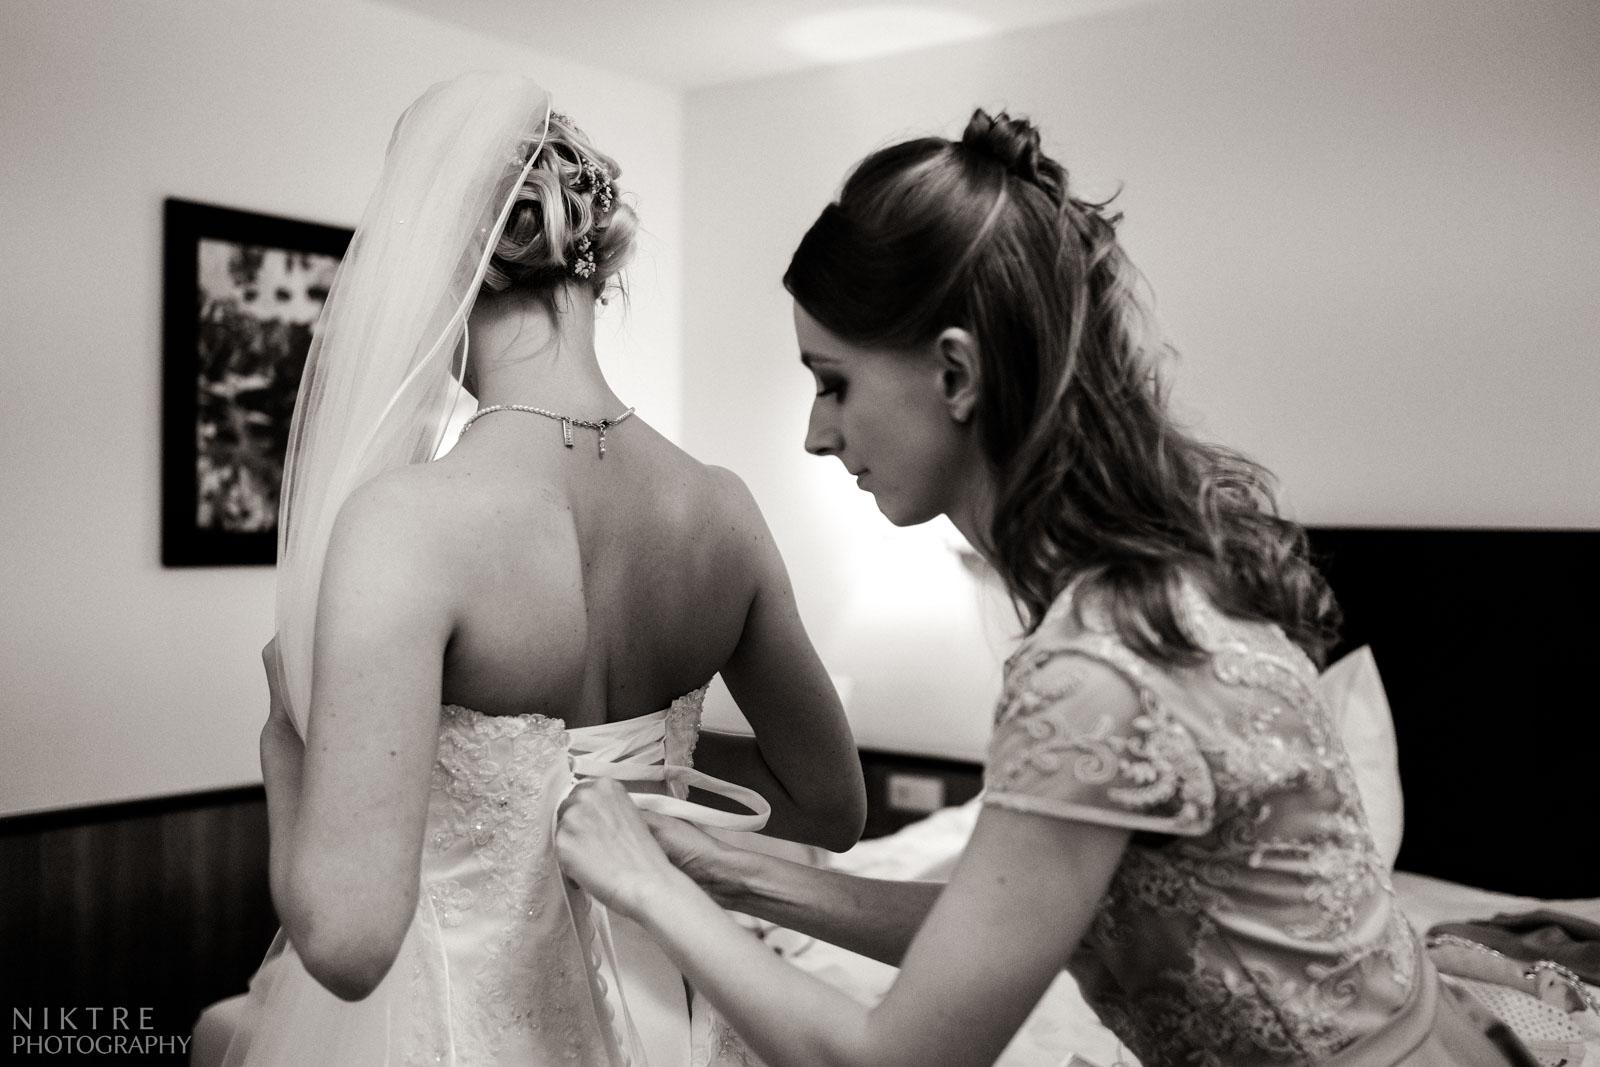 Die Trauzeugin hilft mit dem Brautkleid